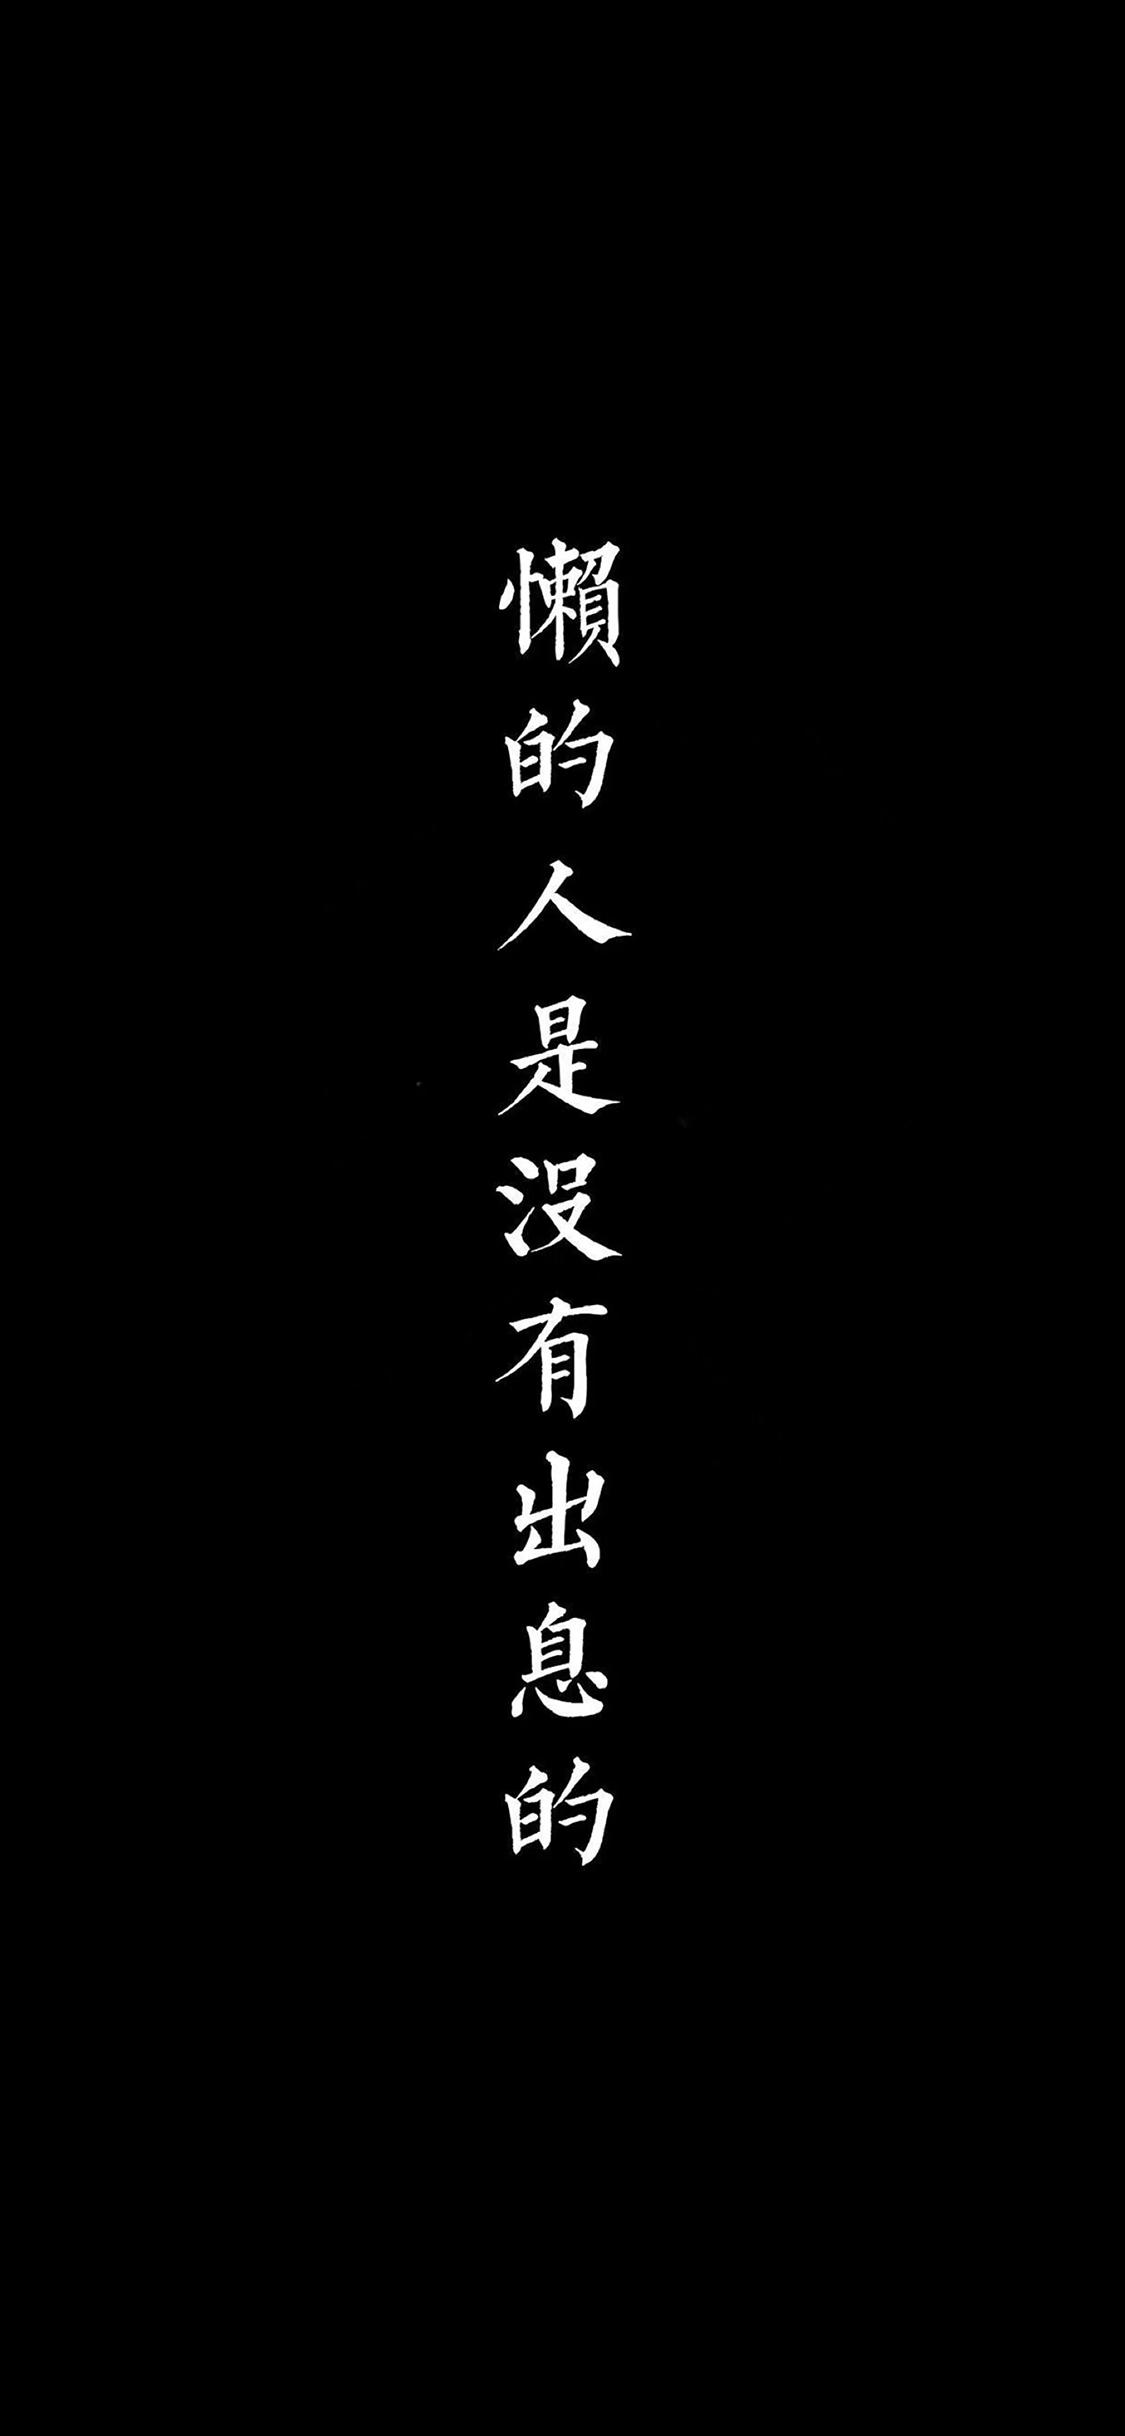 小清新唯美的心语文字配图